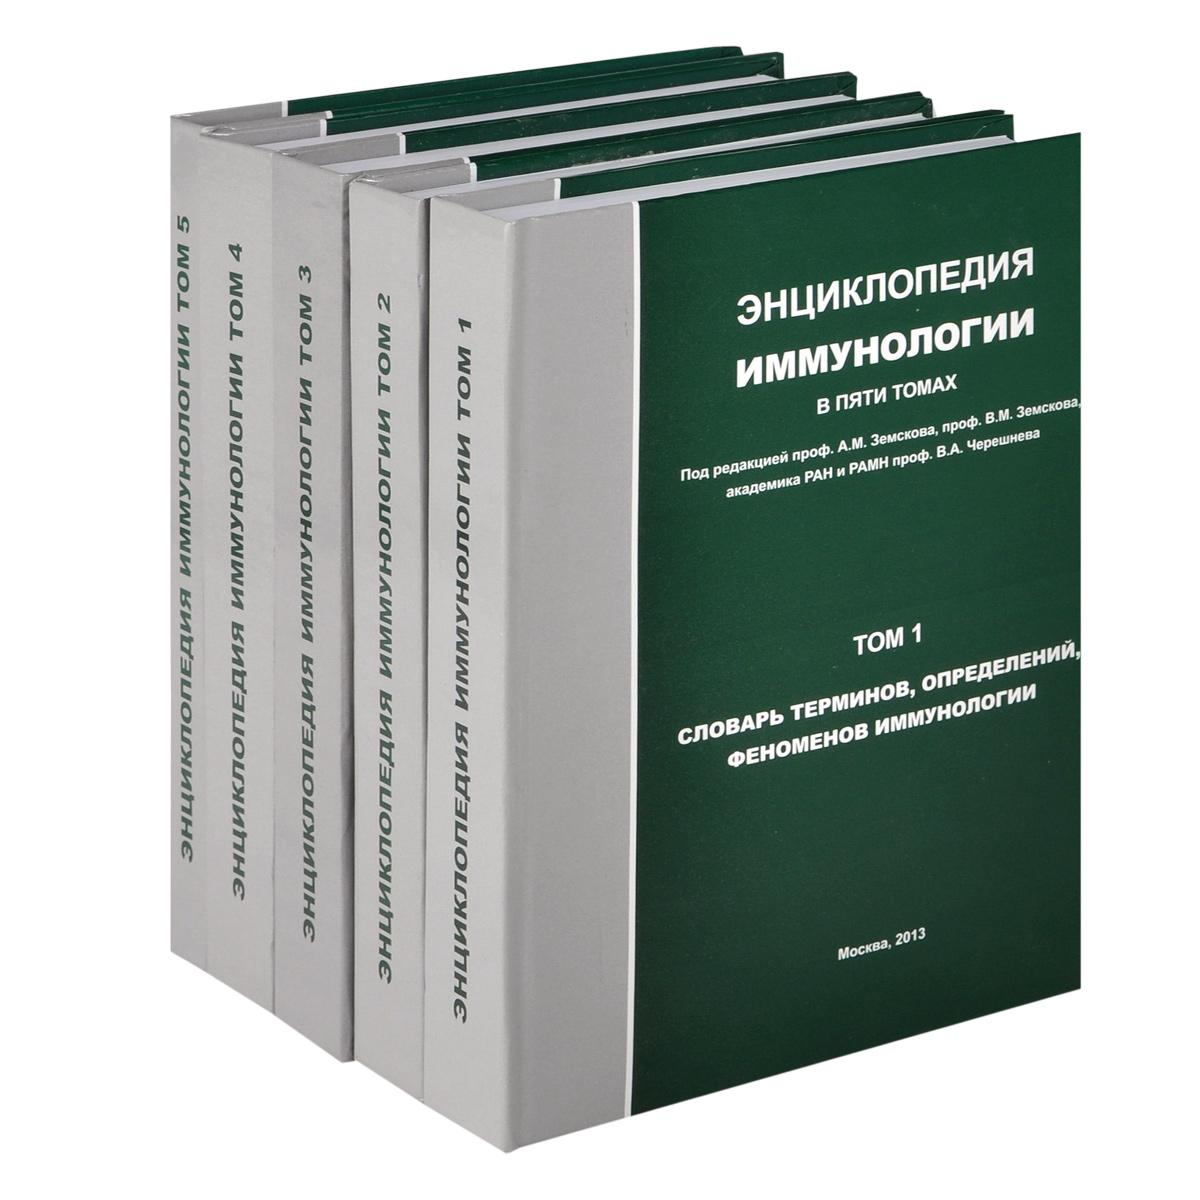 Энциклопедия иммунологии (комплект из 5 книг)